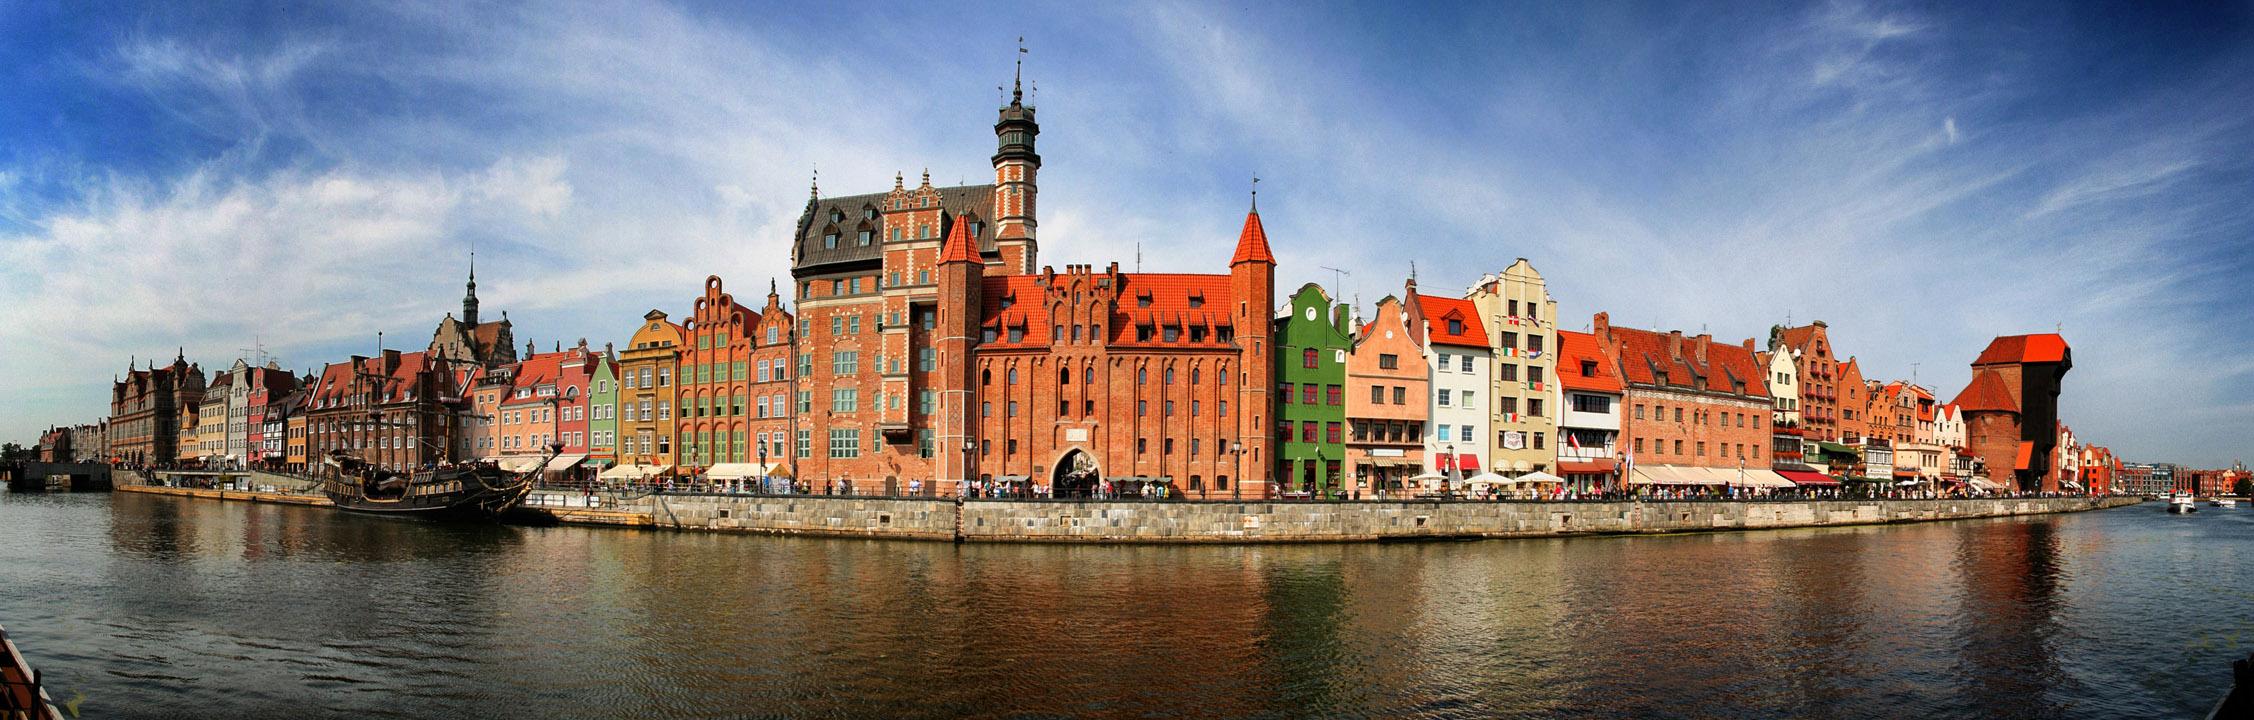 Gdansk Poland  city photos : 2012 08 30 pano gdansk sm2 Wikimedia Commons